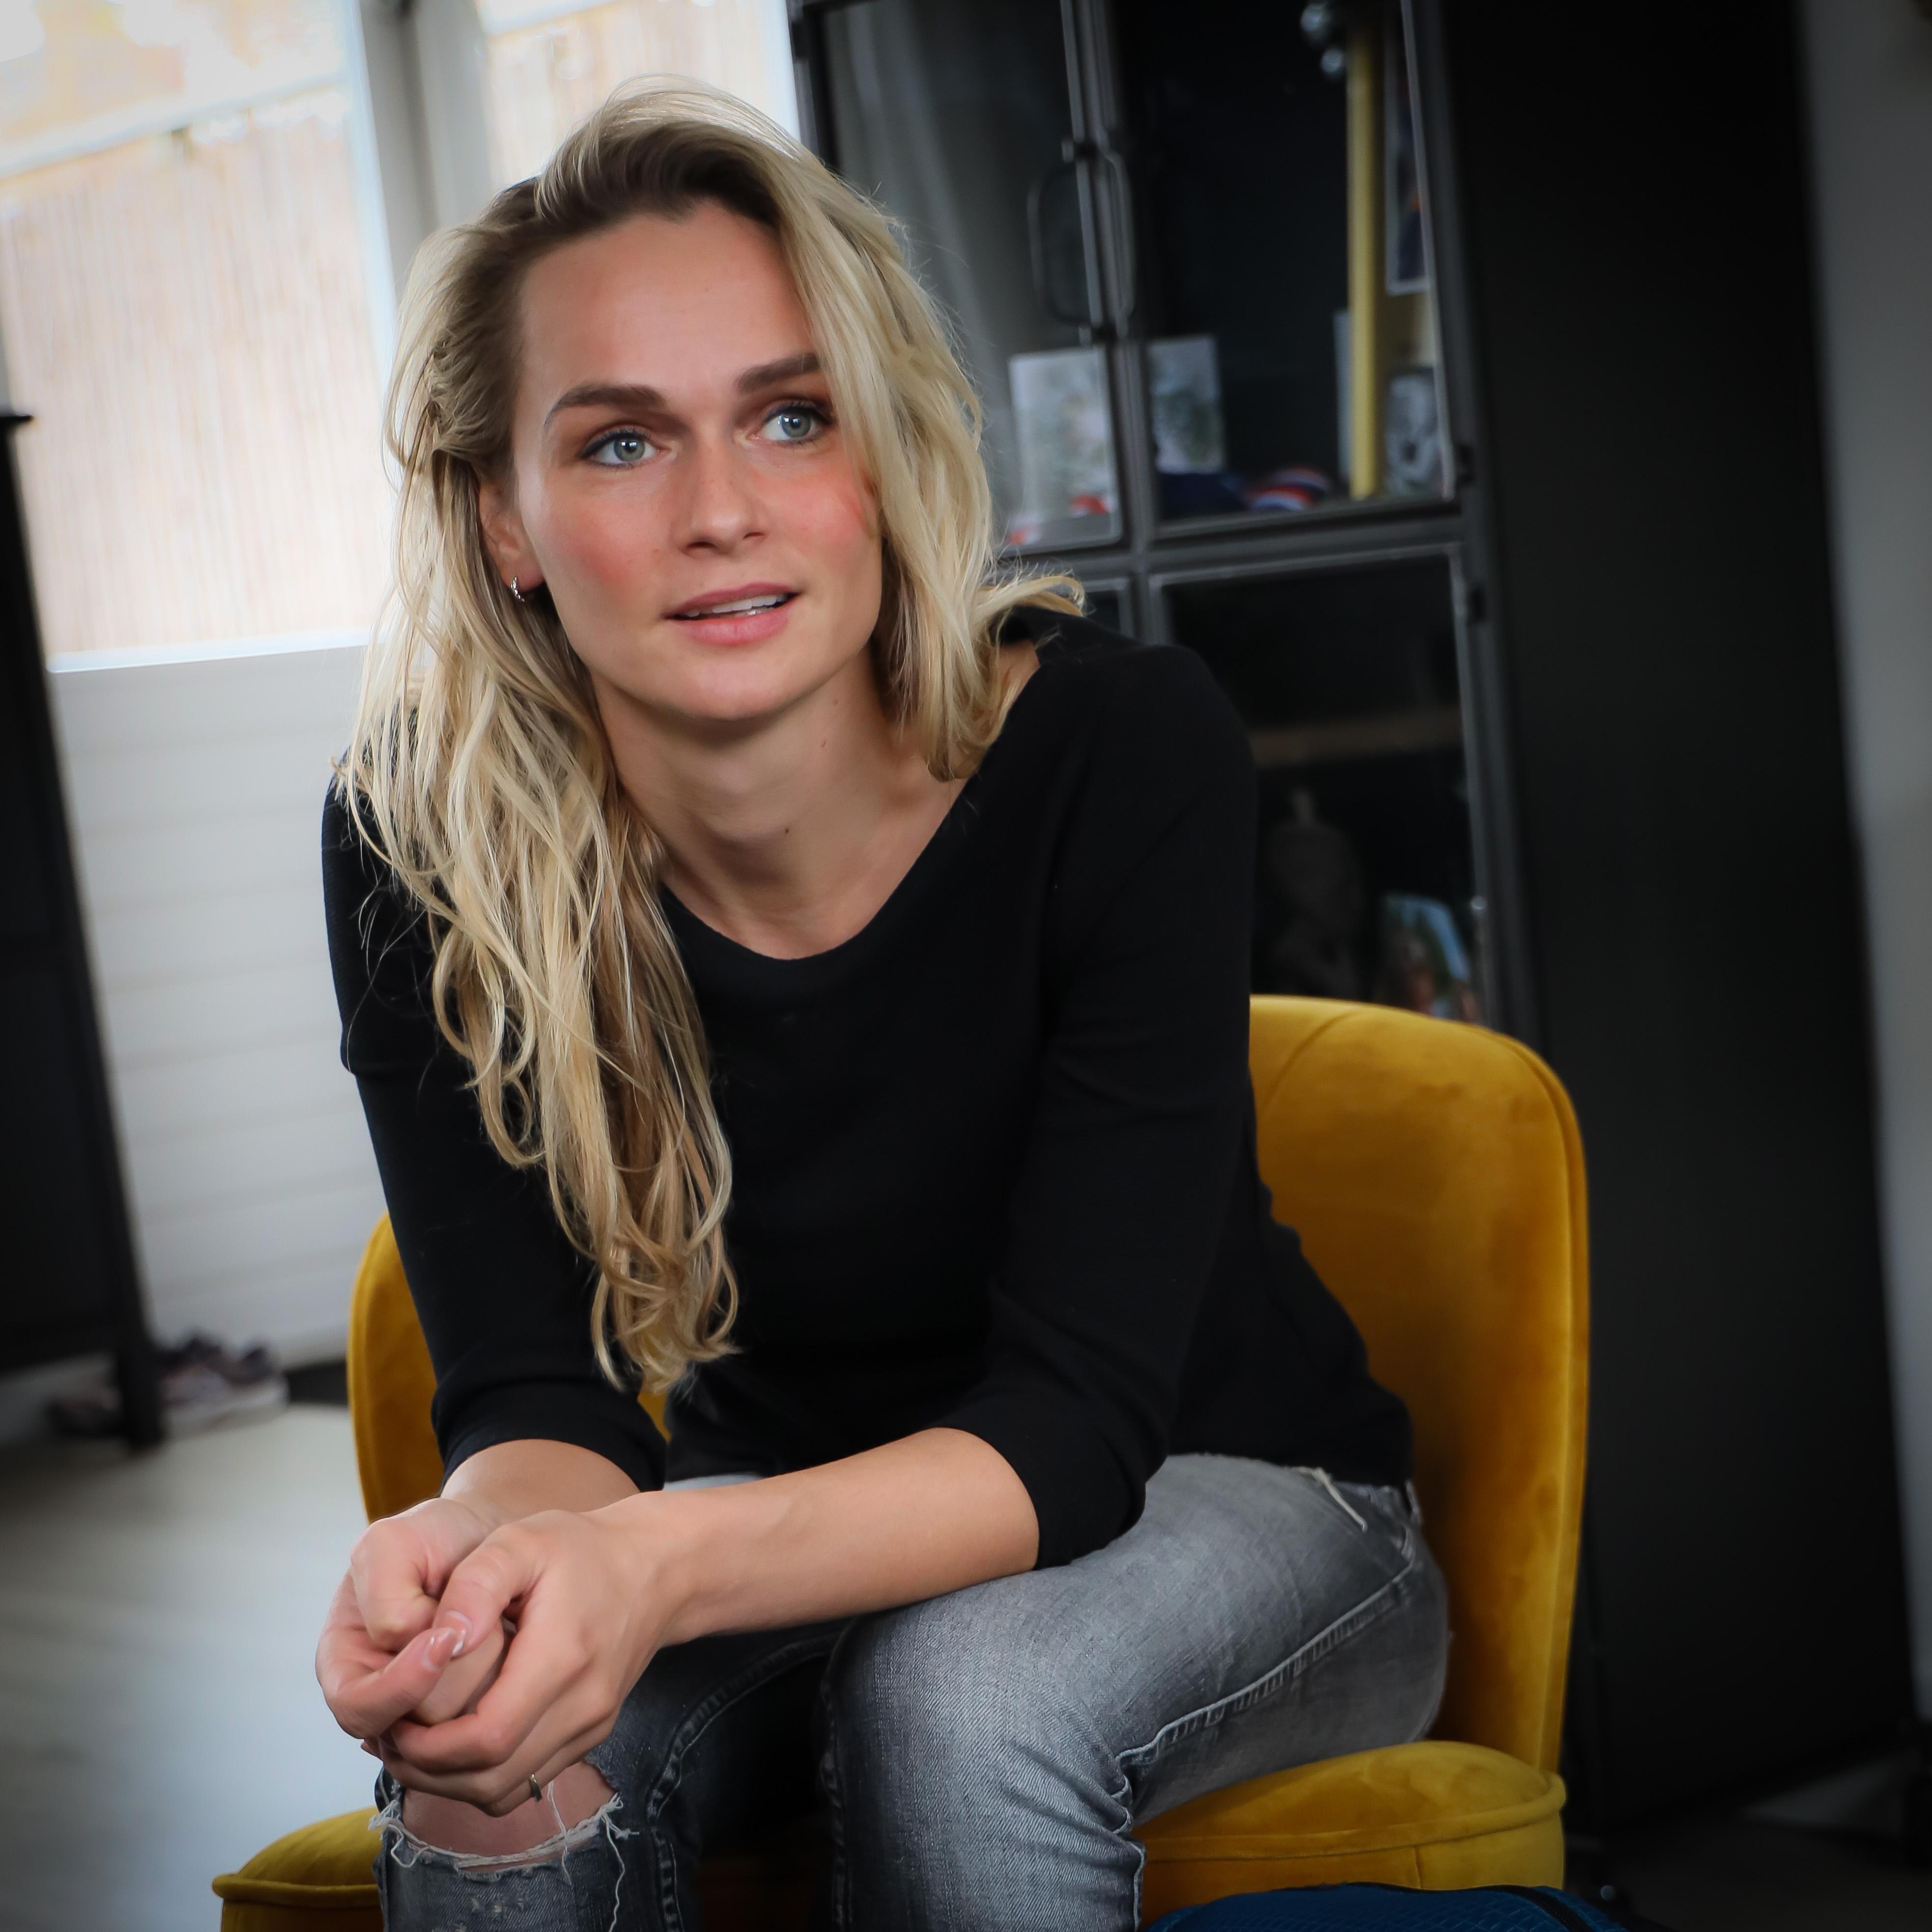 De Liefde Helpt Schaatsster Irene Schouten Altijd Noordhollandsdagblad